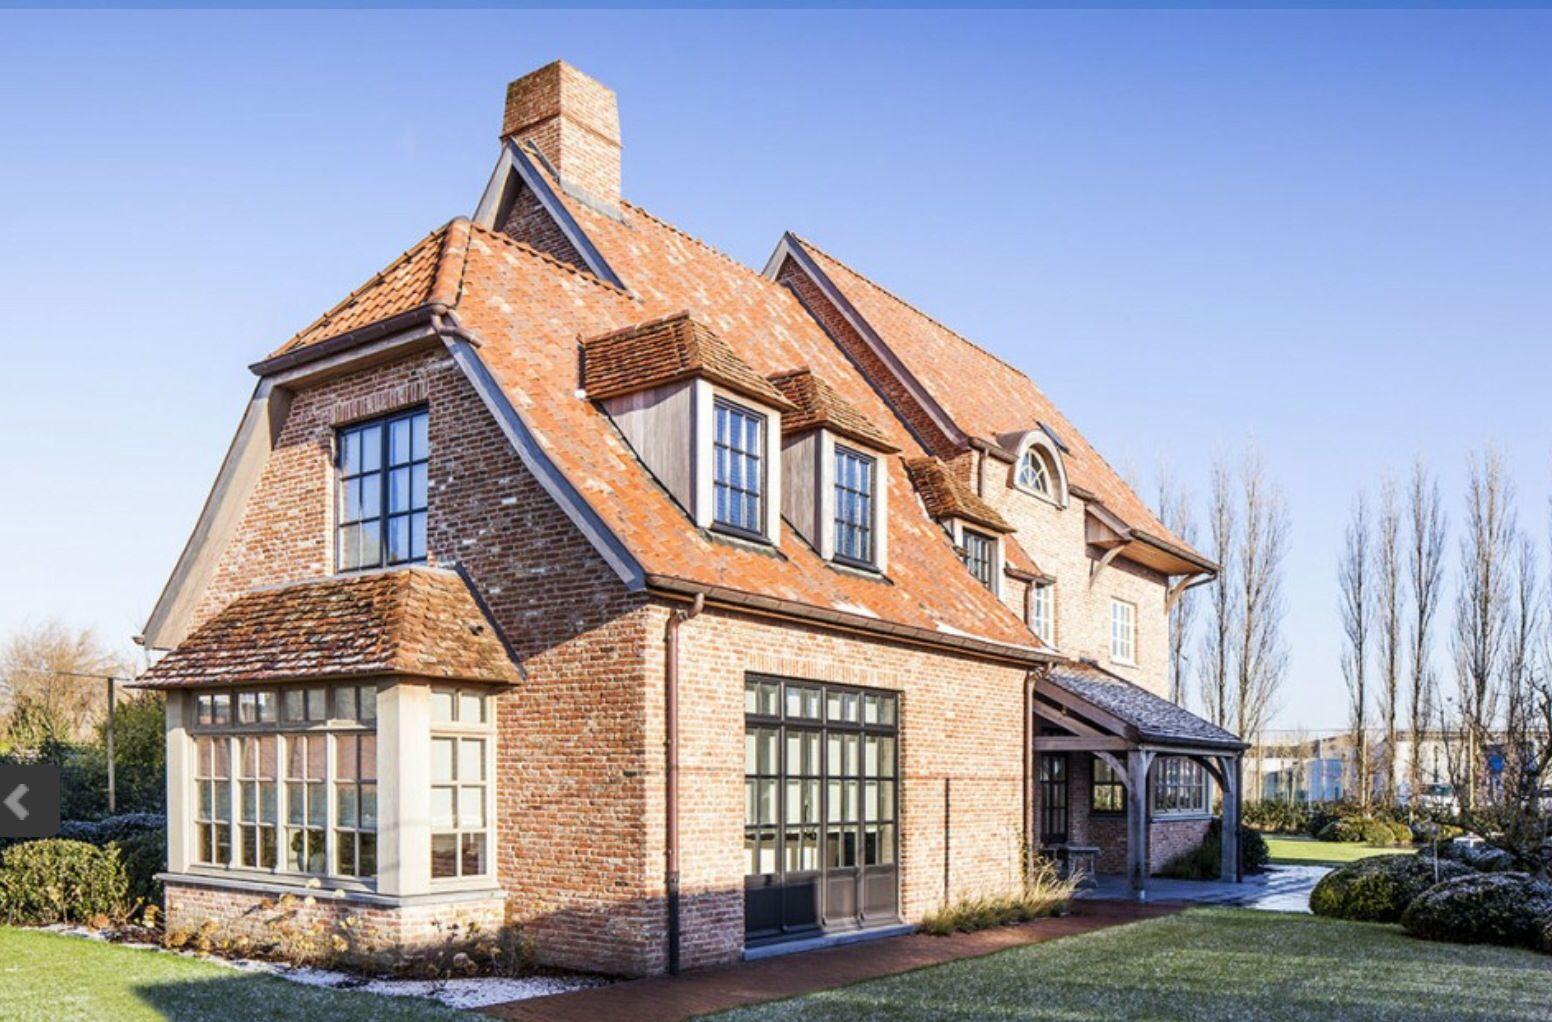 landelijke woning home sweet home pinterest maisons de campagne maisons campagnardes et. Black Bedroom Furniture Sets. Home Design Ideas